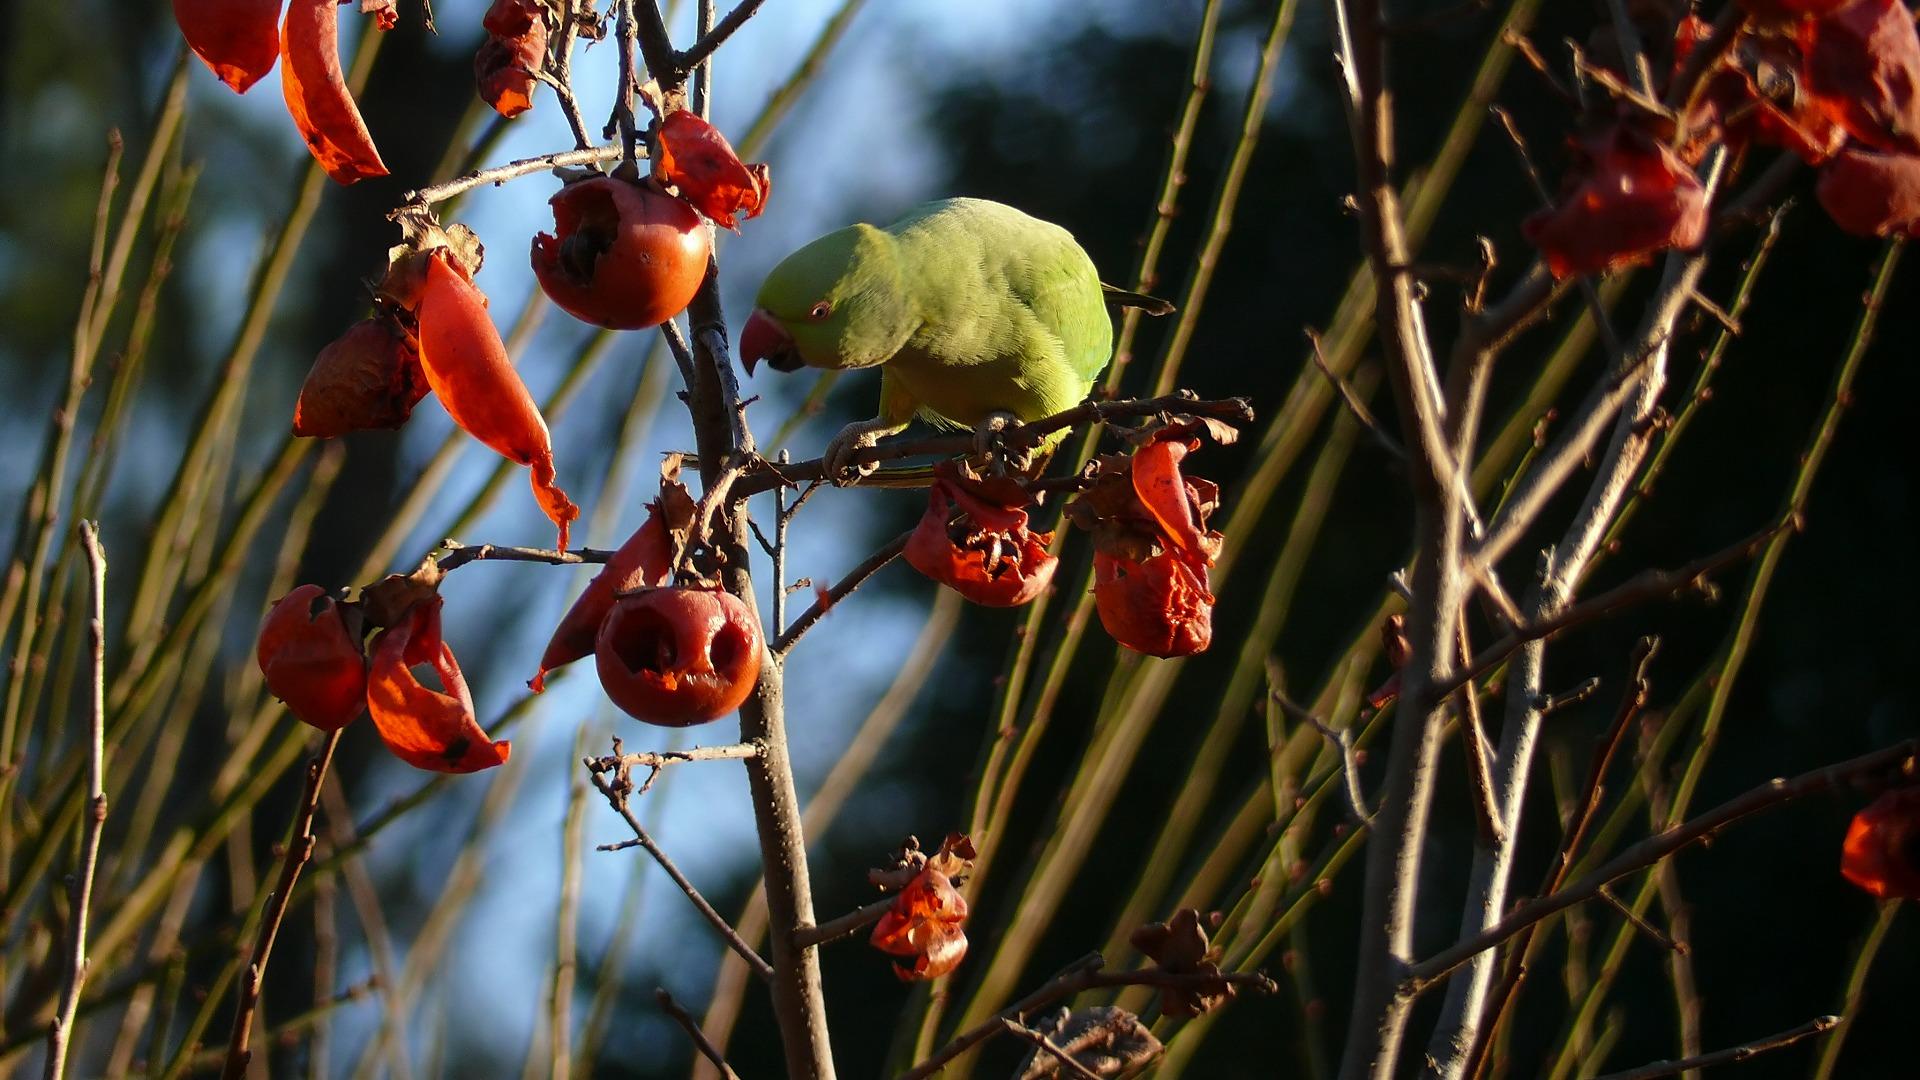 隣の客はよく柿食う客だ_a0185081_13491881.jpg